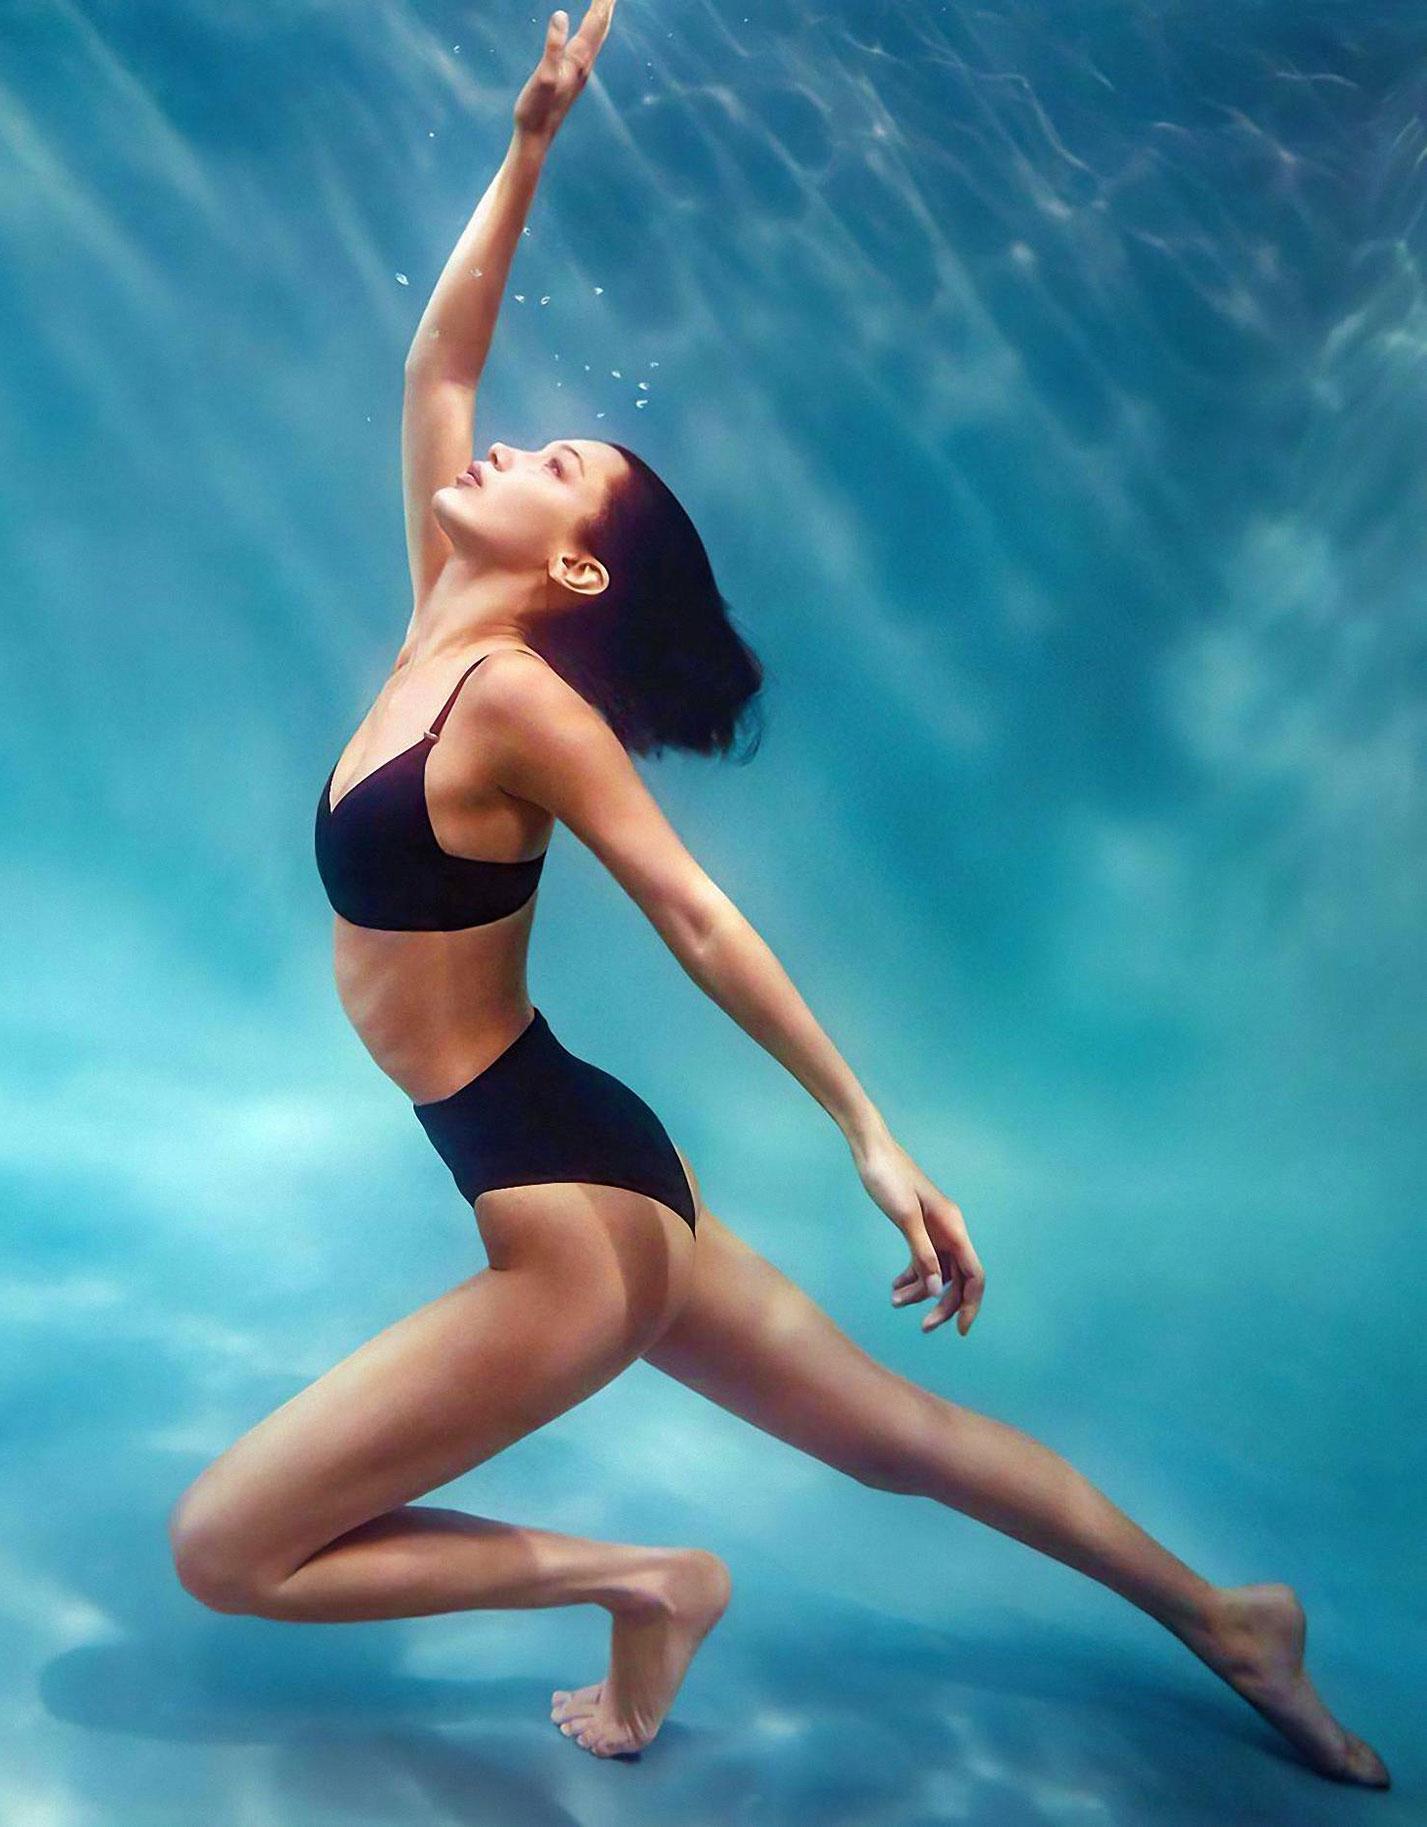 Белла Хадид в рекламной кампании купальников Calvin Klein, 2020 год / фото 10